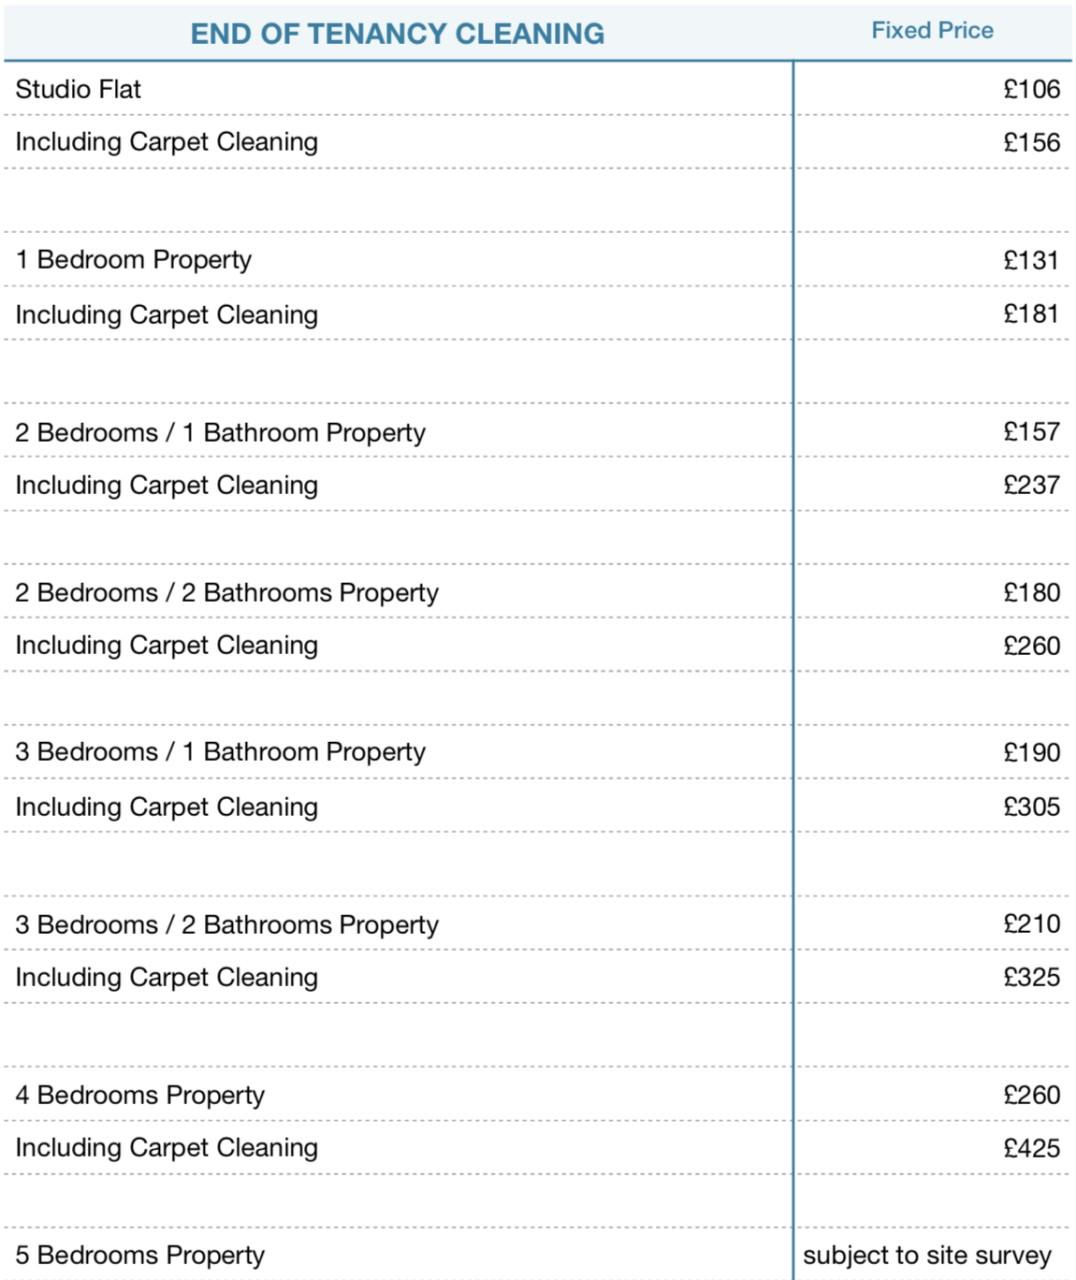 End of Tenancy Cleaning Price.jpg